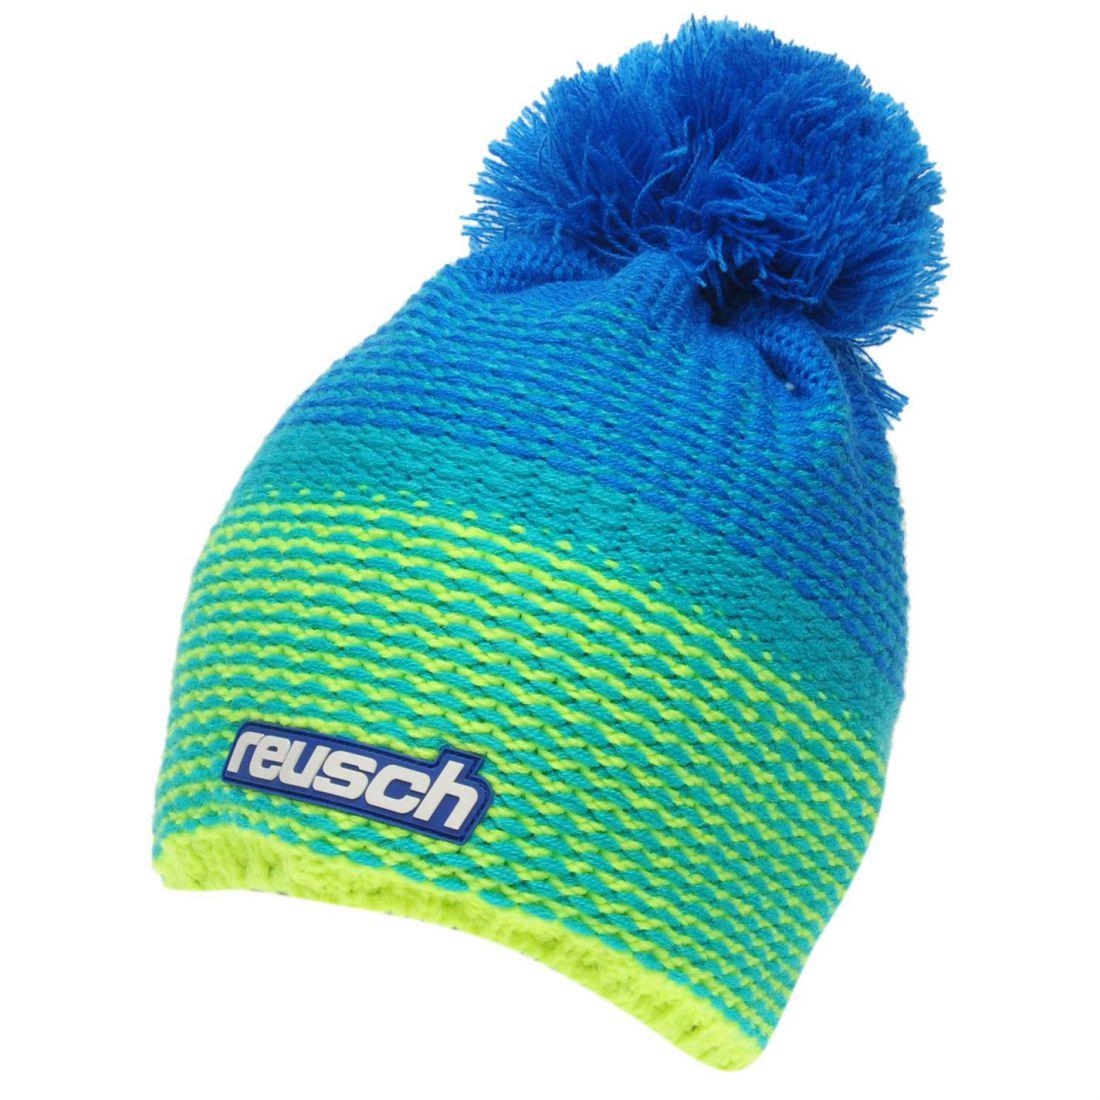 Reusch Enzo Beanie Hat Adults Unisex Warm Knitwear Brightly  db7a5c3ab724